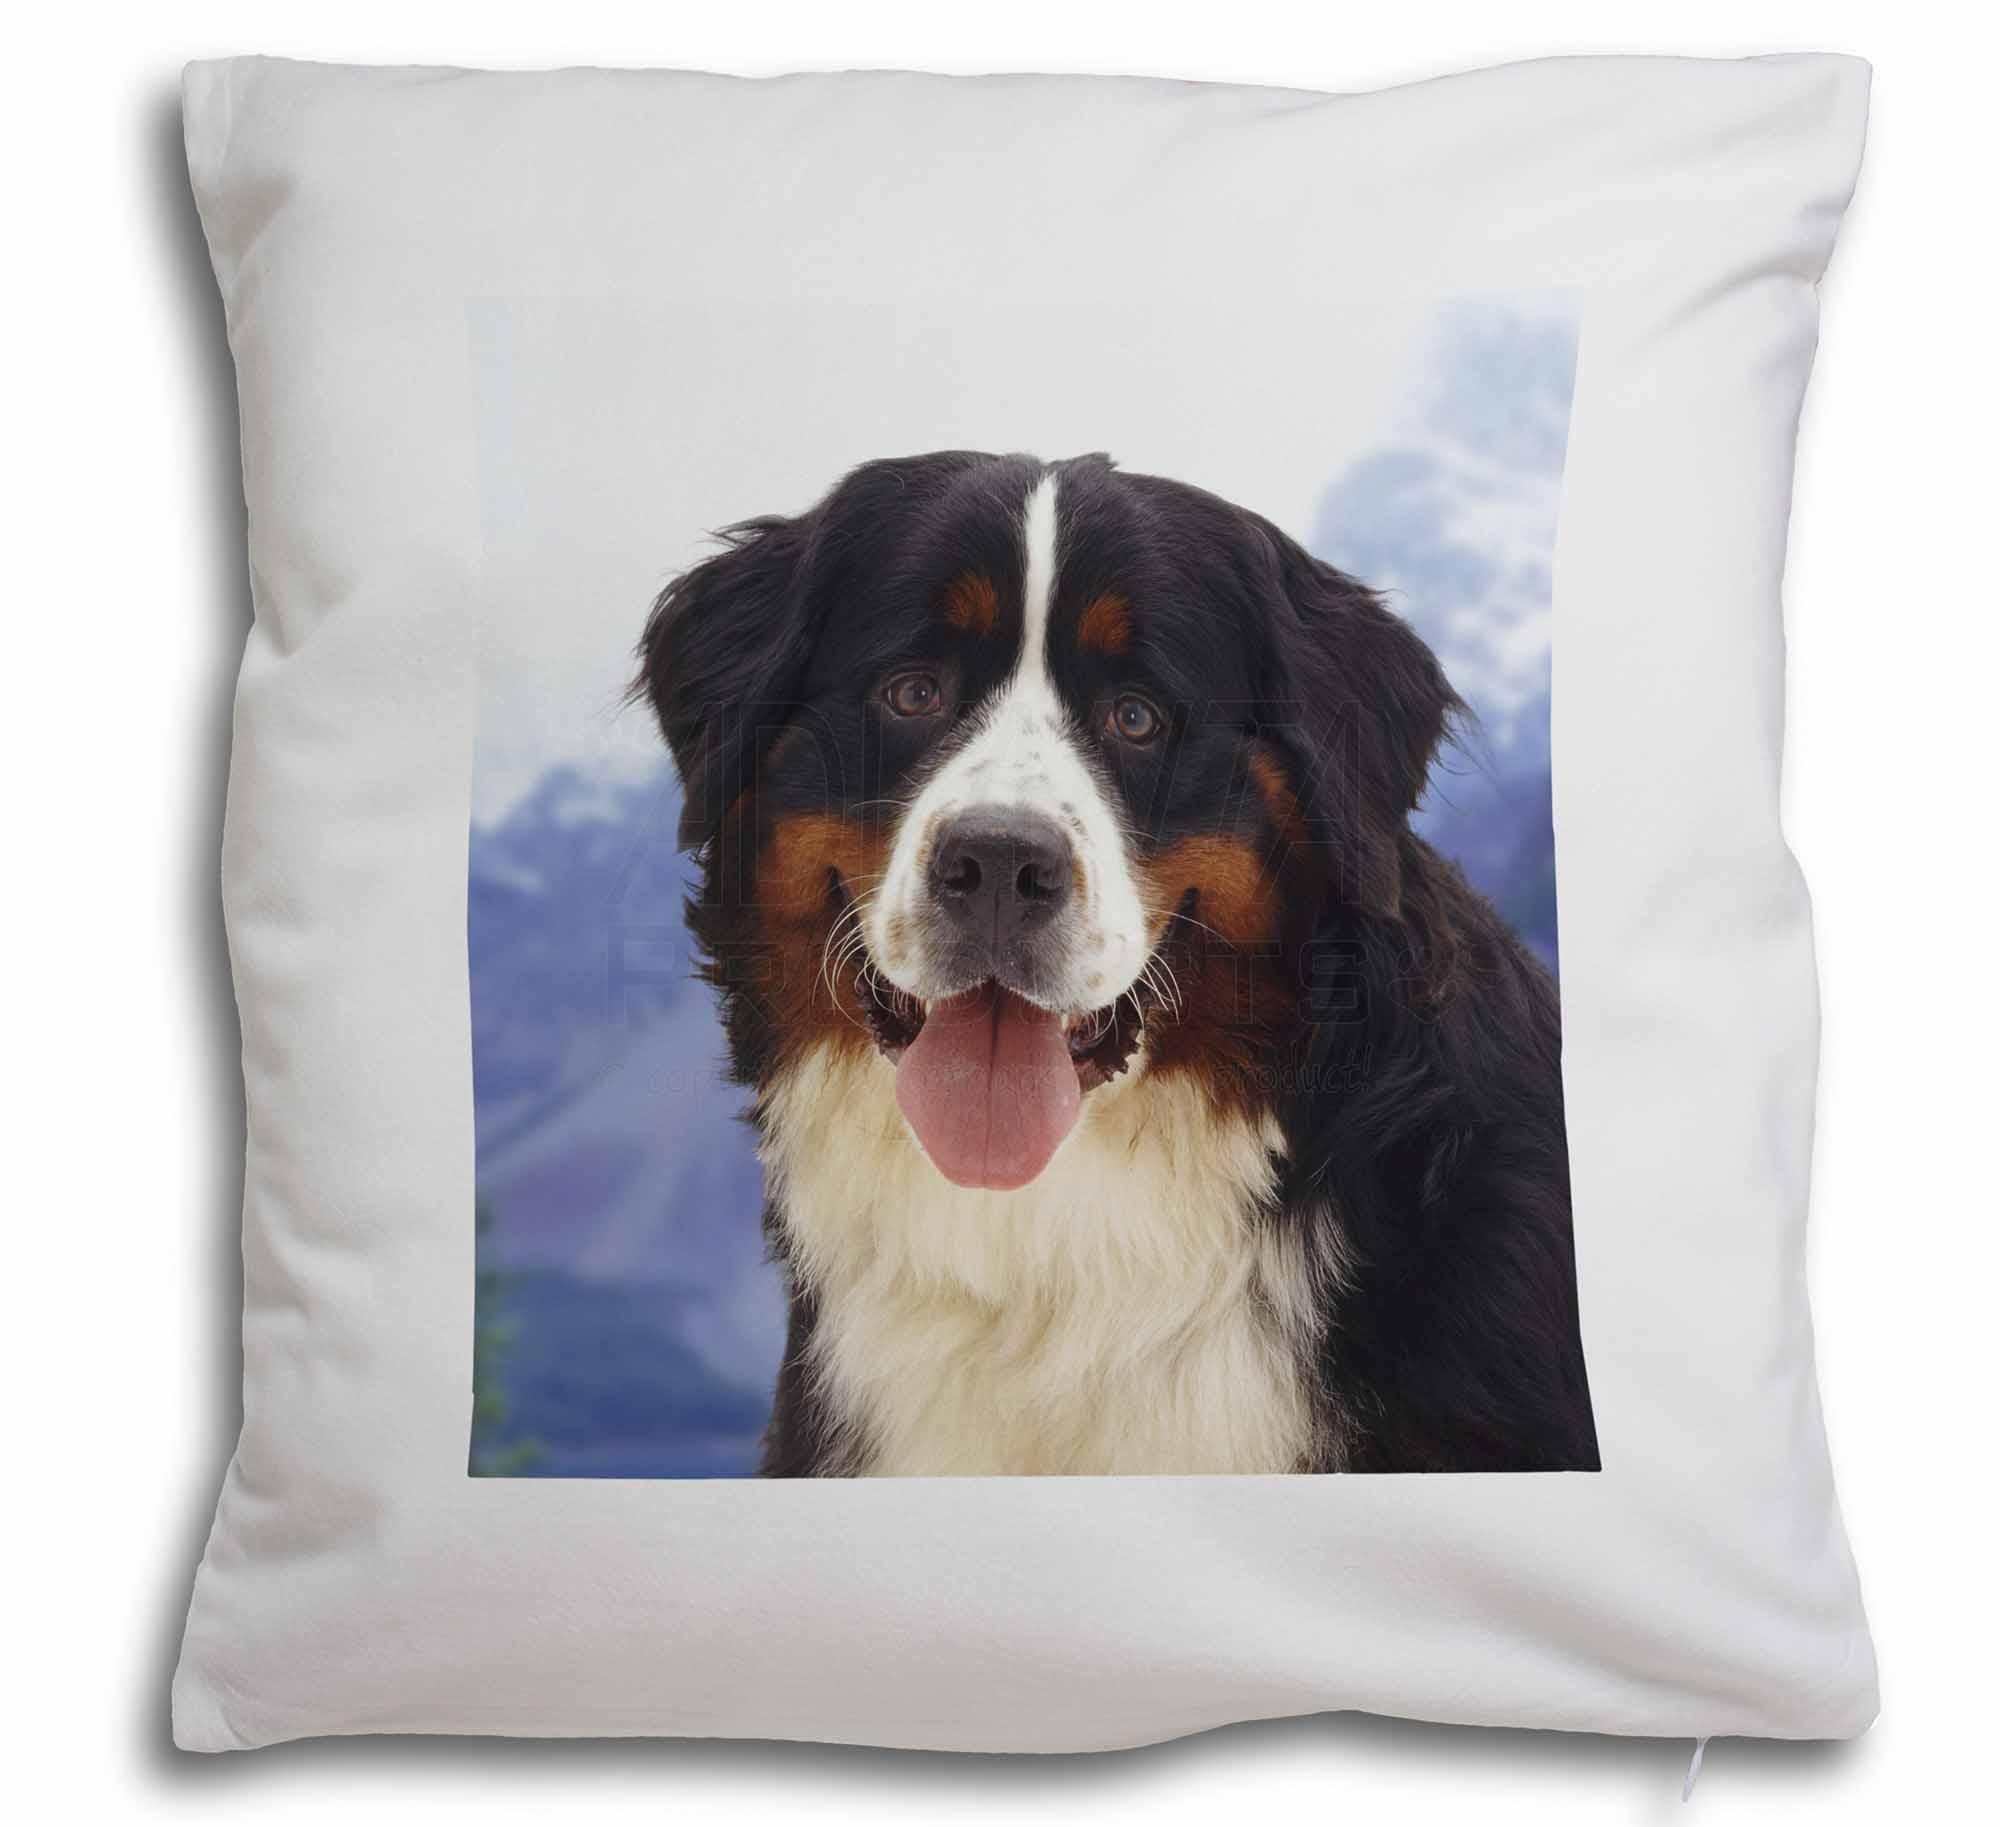 Bernese Mountain Dog Soft Velvet Feel Cushion Cover With Inner Pill Ad Ber6 Cpw Ebay